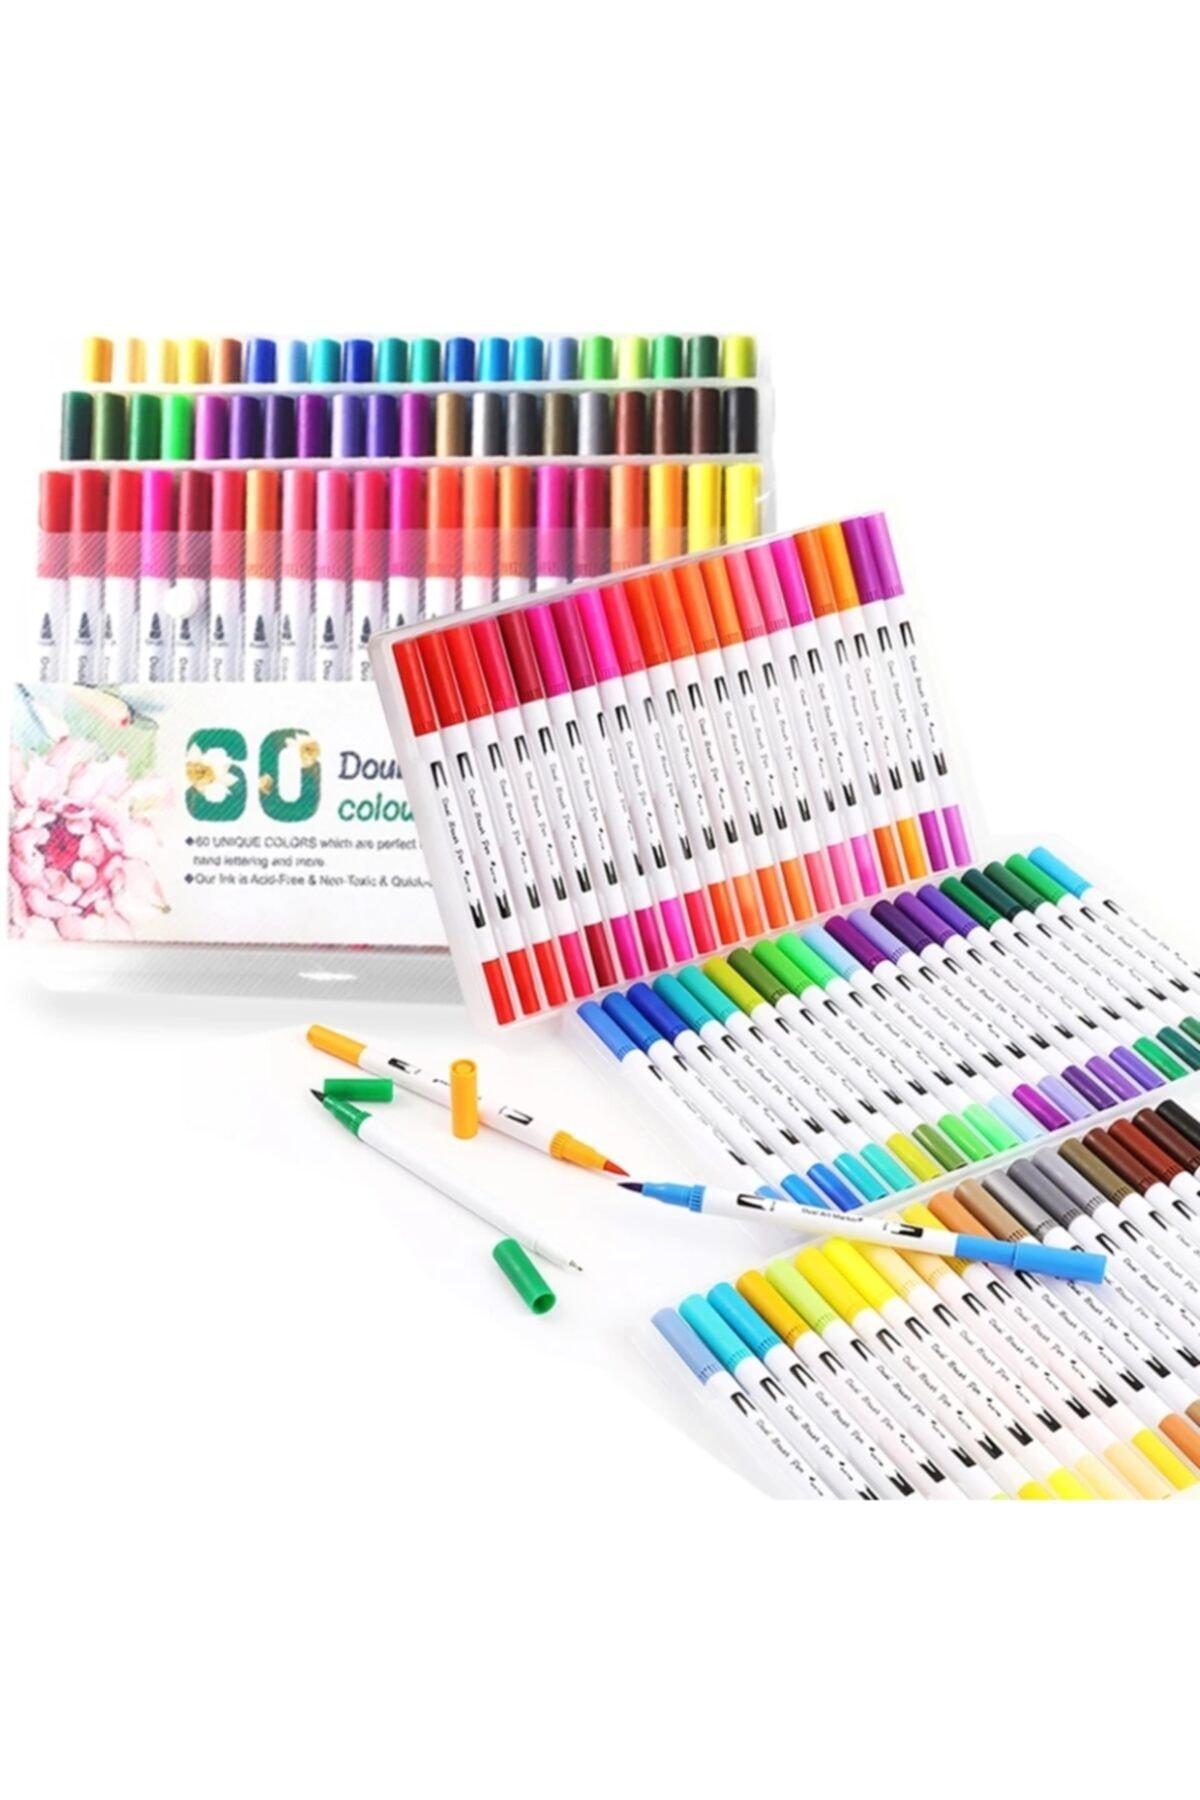 armex Brushpen Ve Fineliner 60 Renk Set Çift Taraflı Fırça Ve Yazı 1